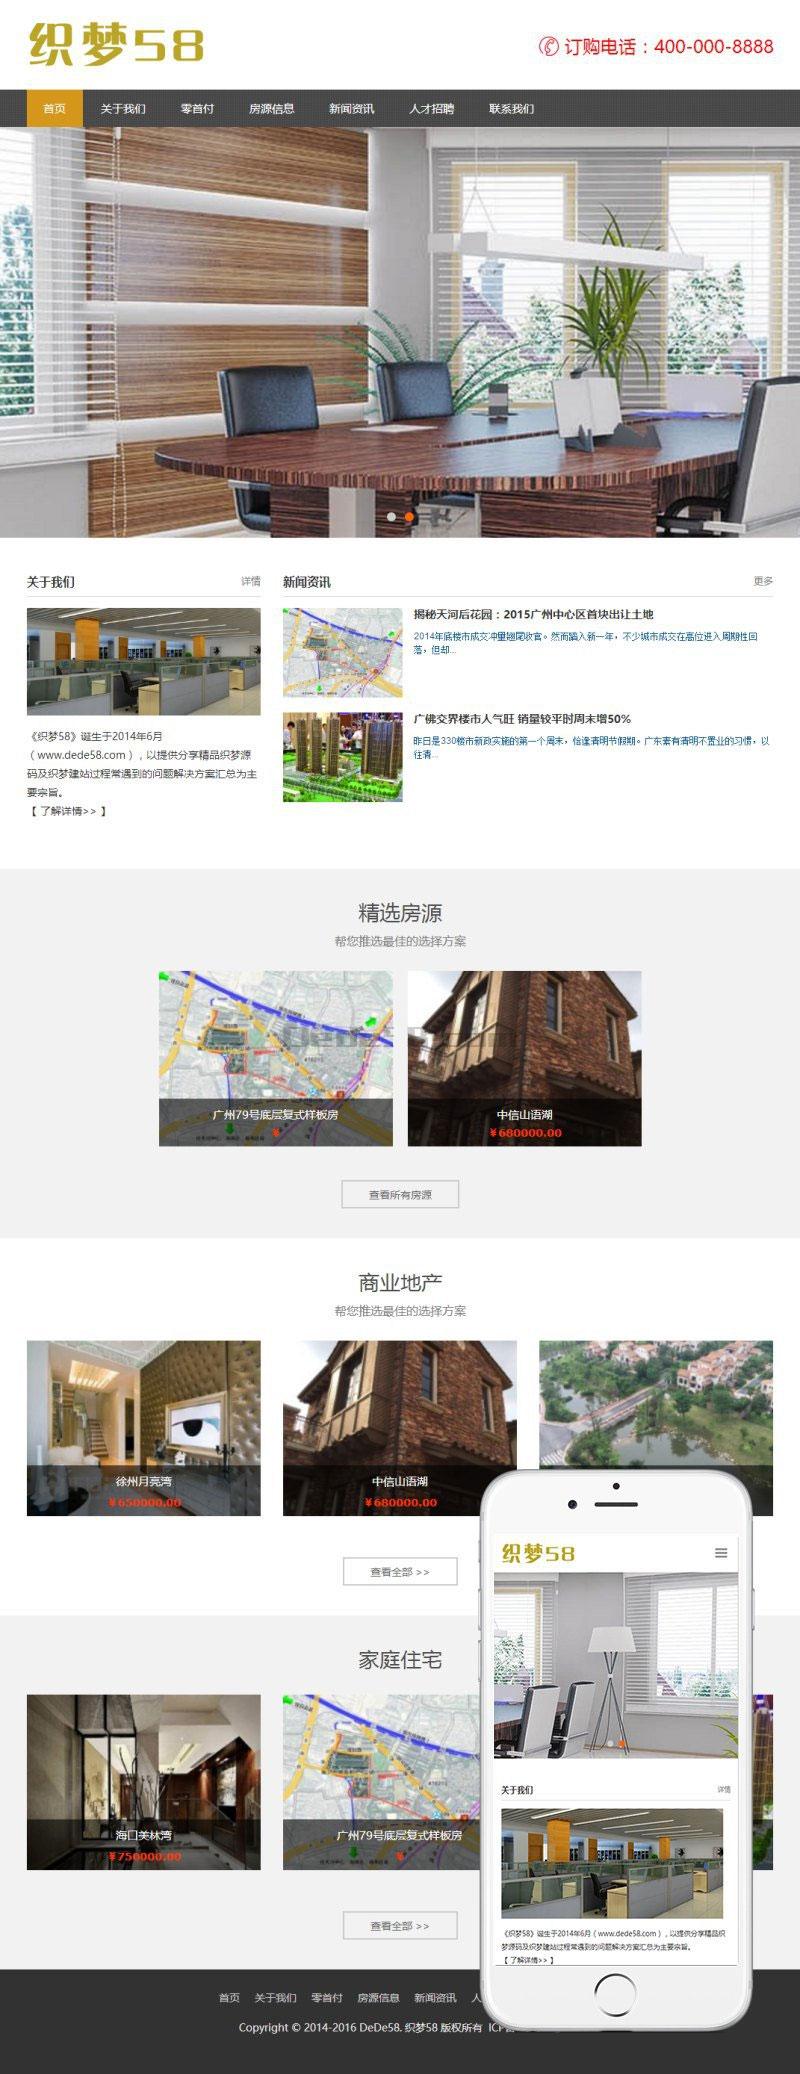 响应式房产中介房产代理公司网站 织梦dedecms模板(自适应手机移动端) 第1张